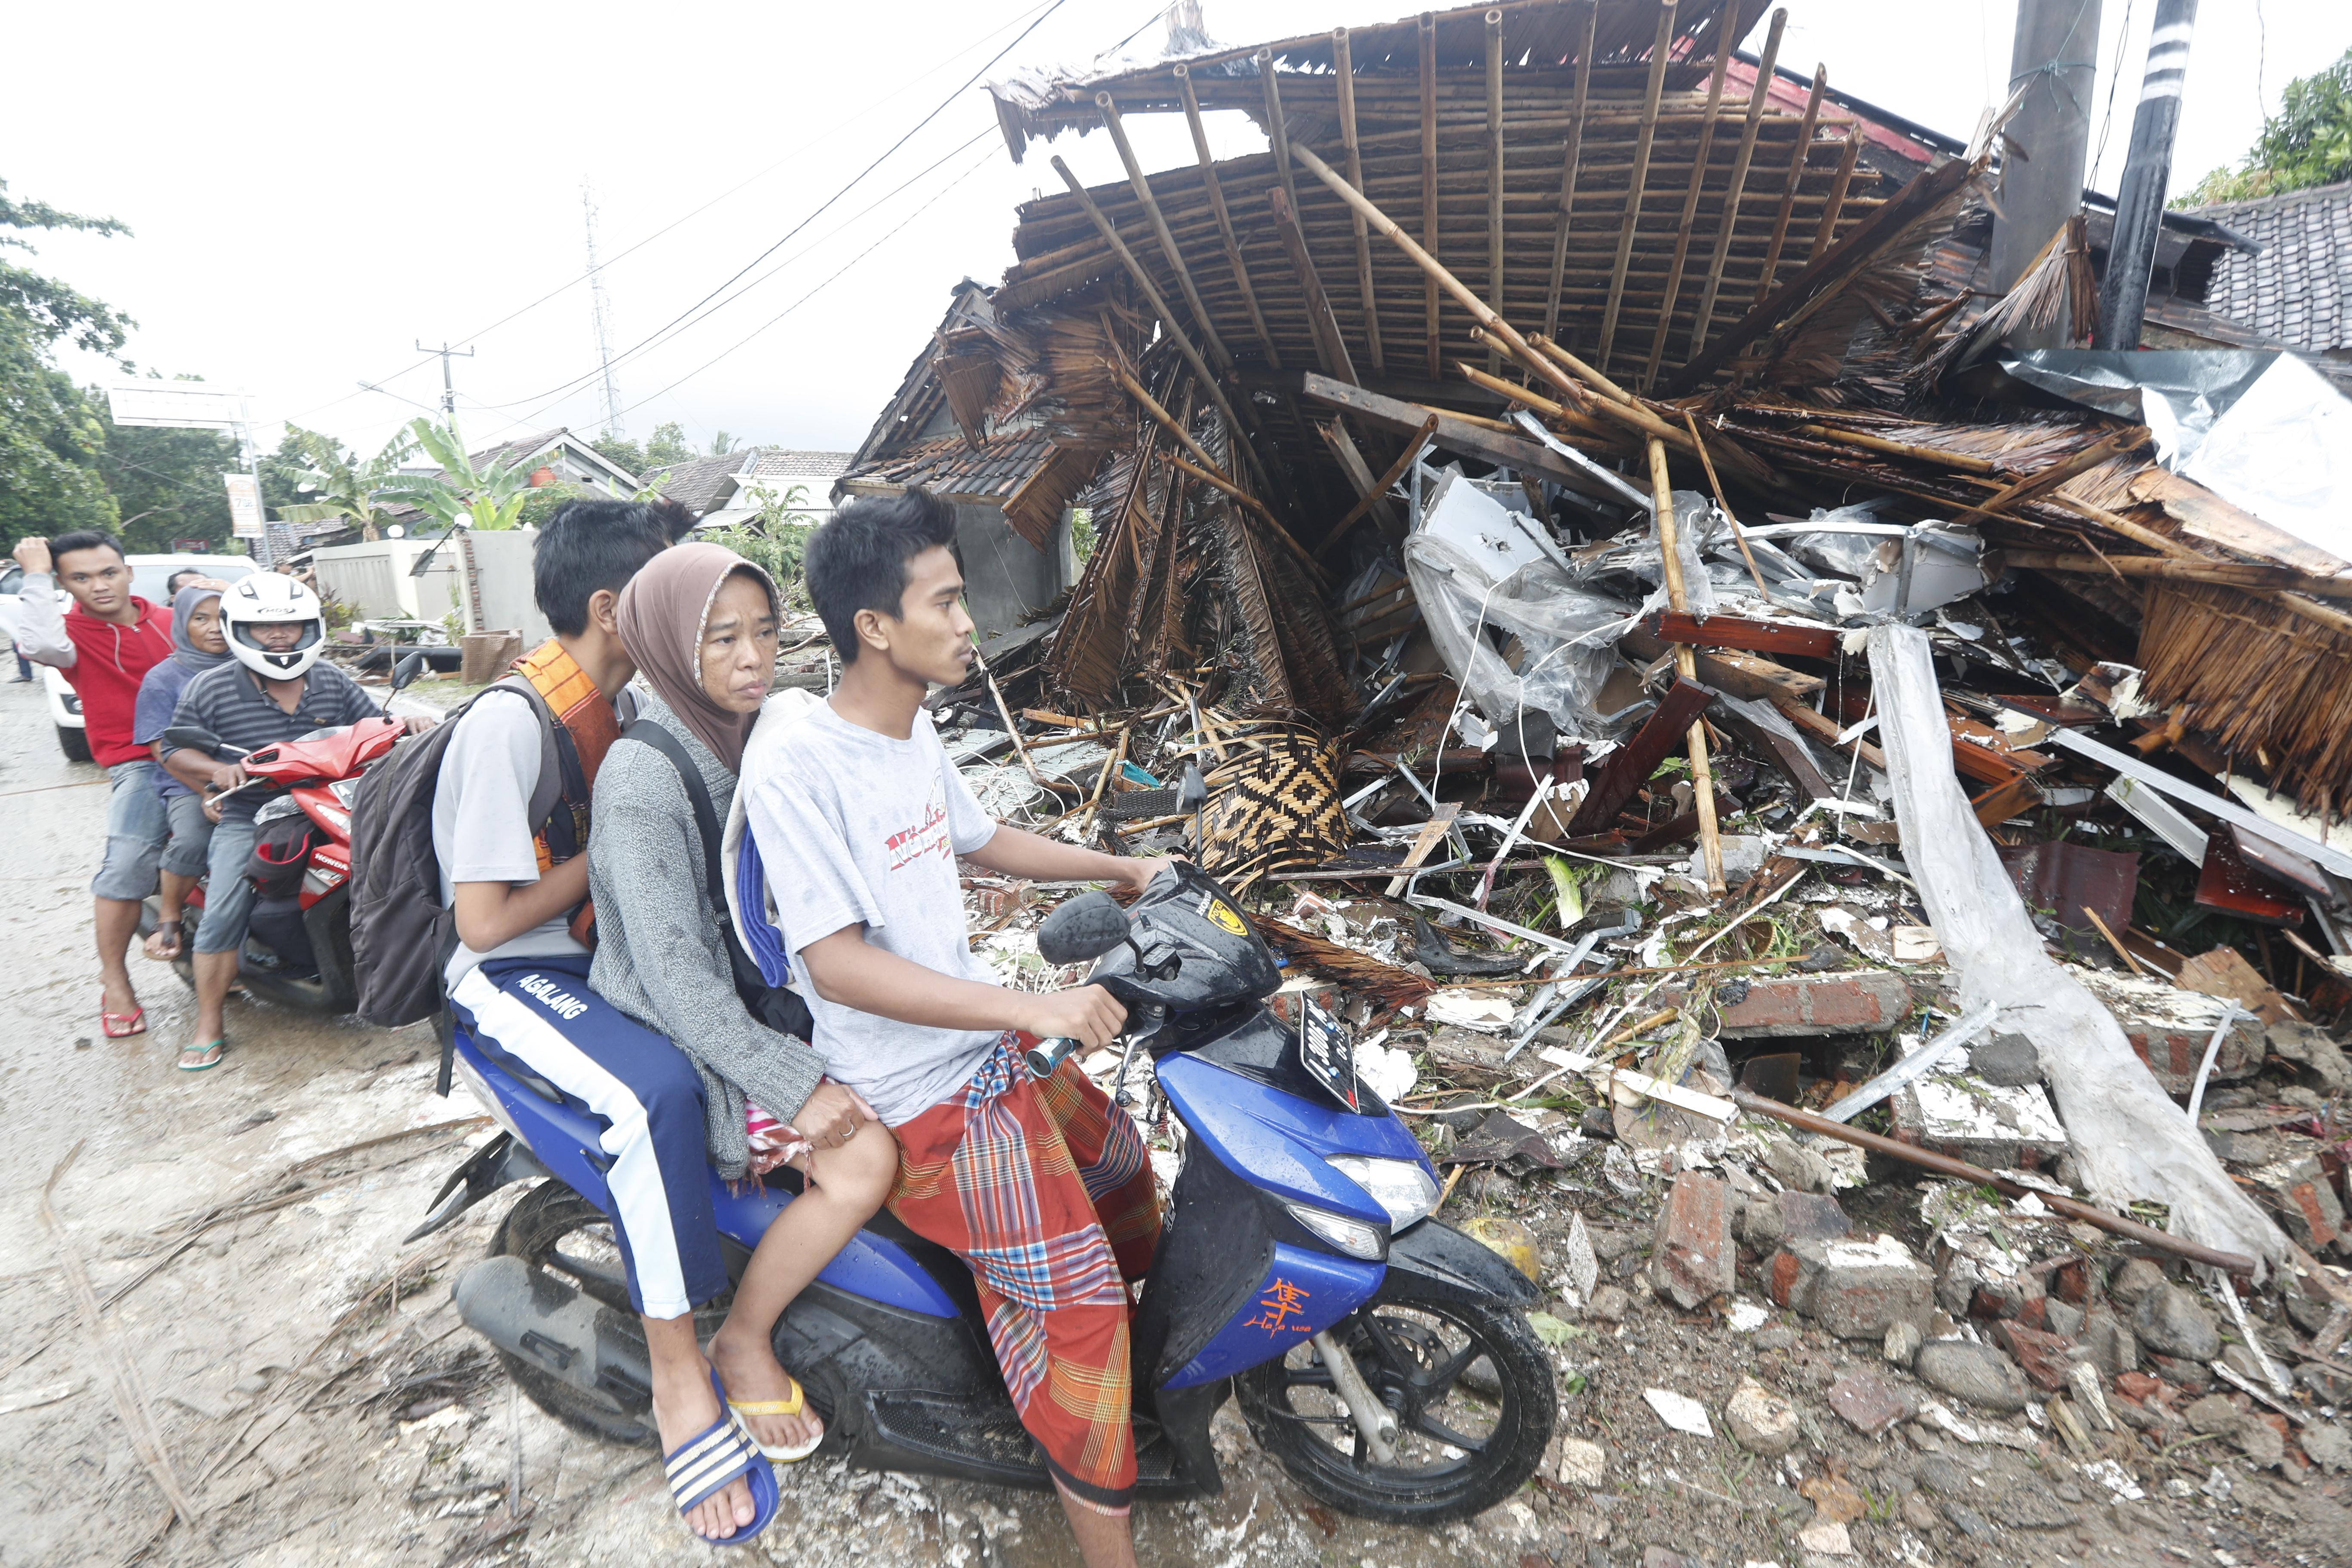 Premijer Plenković uputio sućut indonezijskom predsjedniku povodom tsunamija